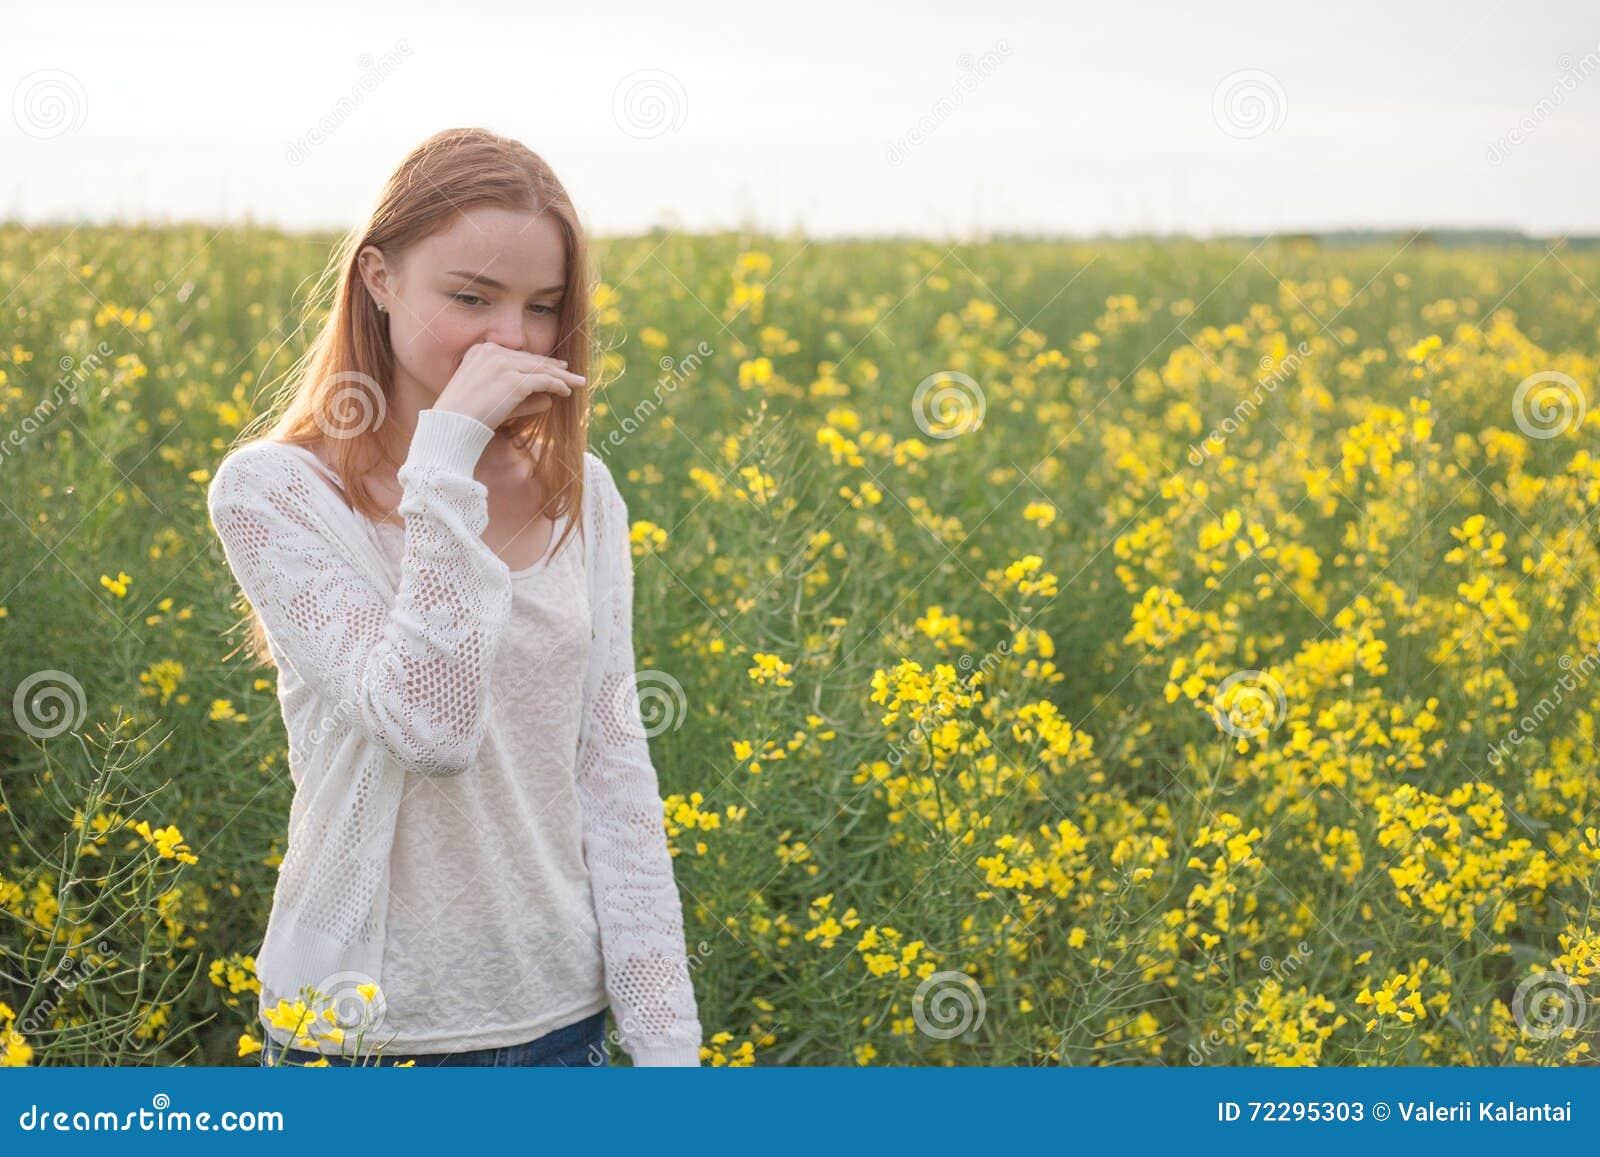 Download Аллергия цветня, девушка чихая в поле рапса цветков Стоковое Изображение - изображение насчитывающей lifestyle, цвет: 72295303